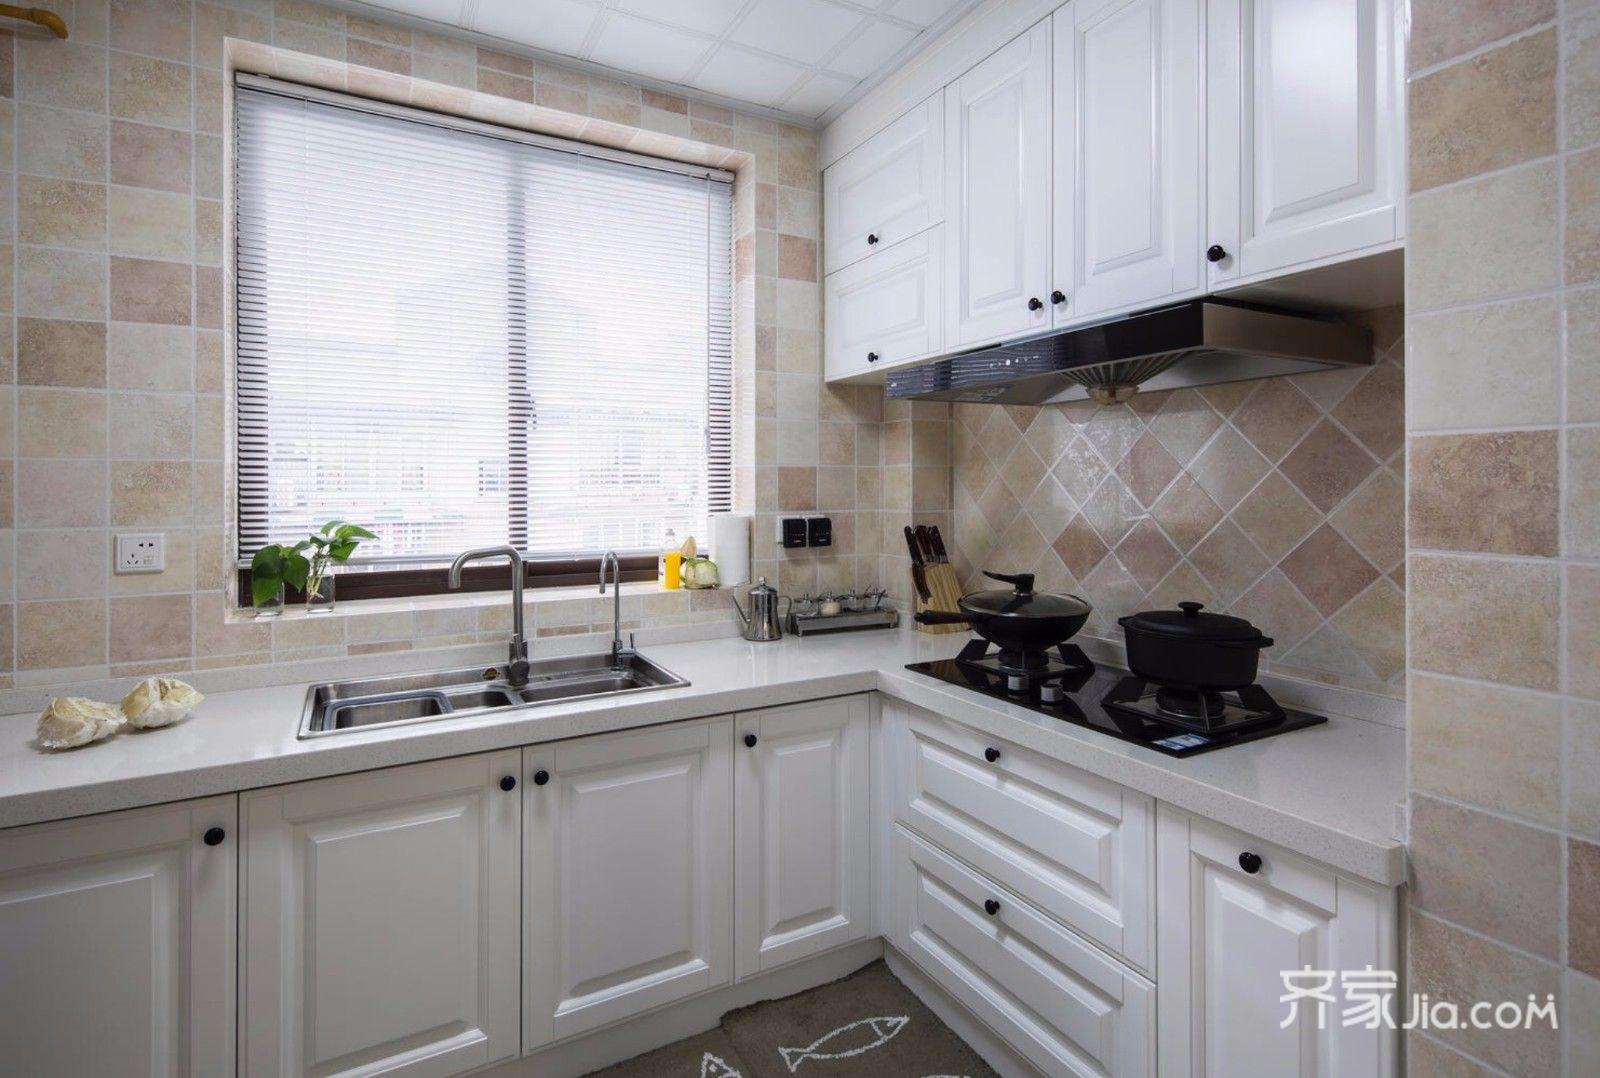 140㎡美式风格厨房装修效果图